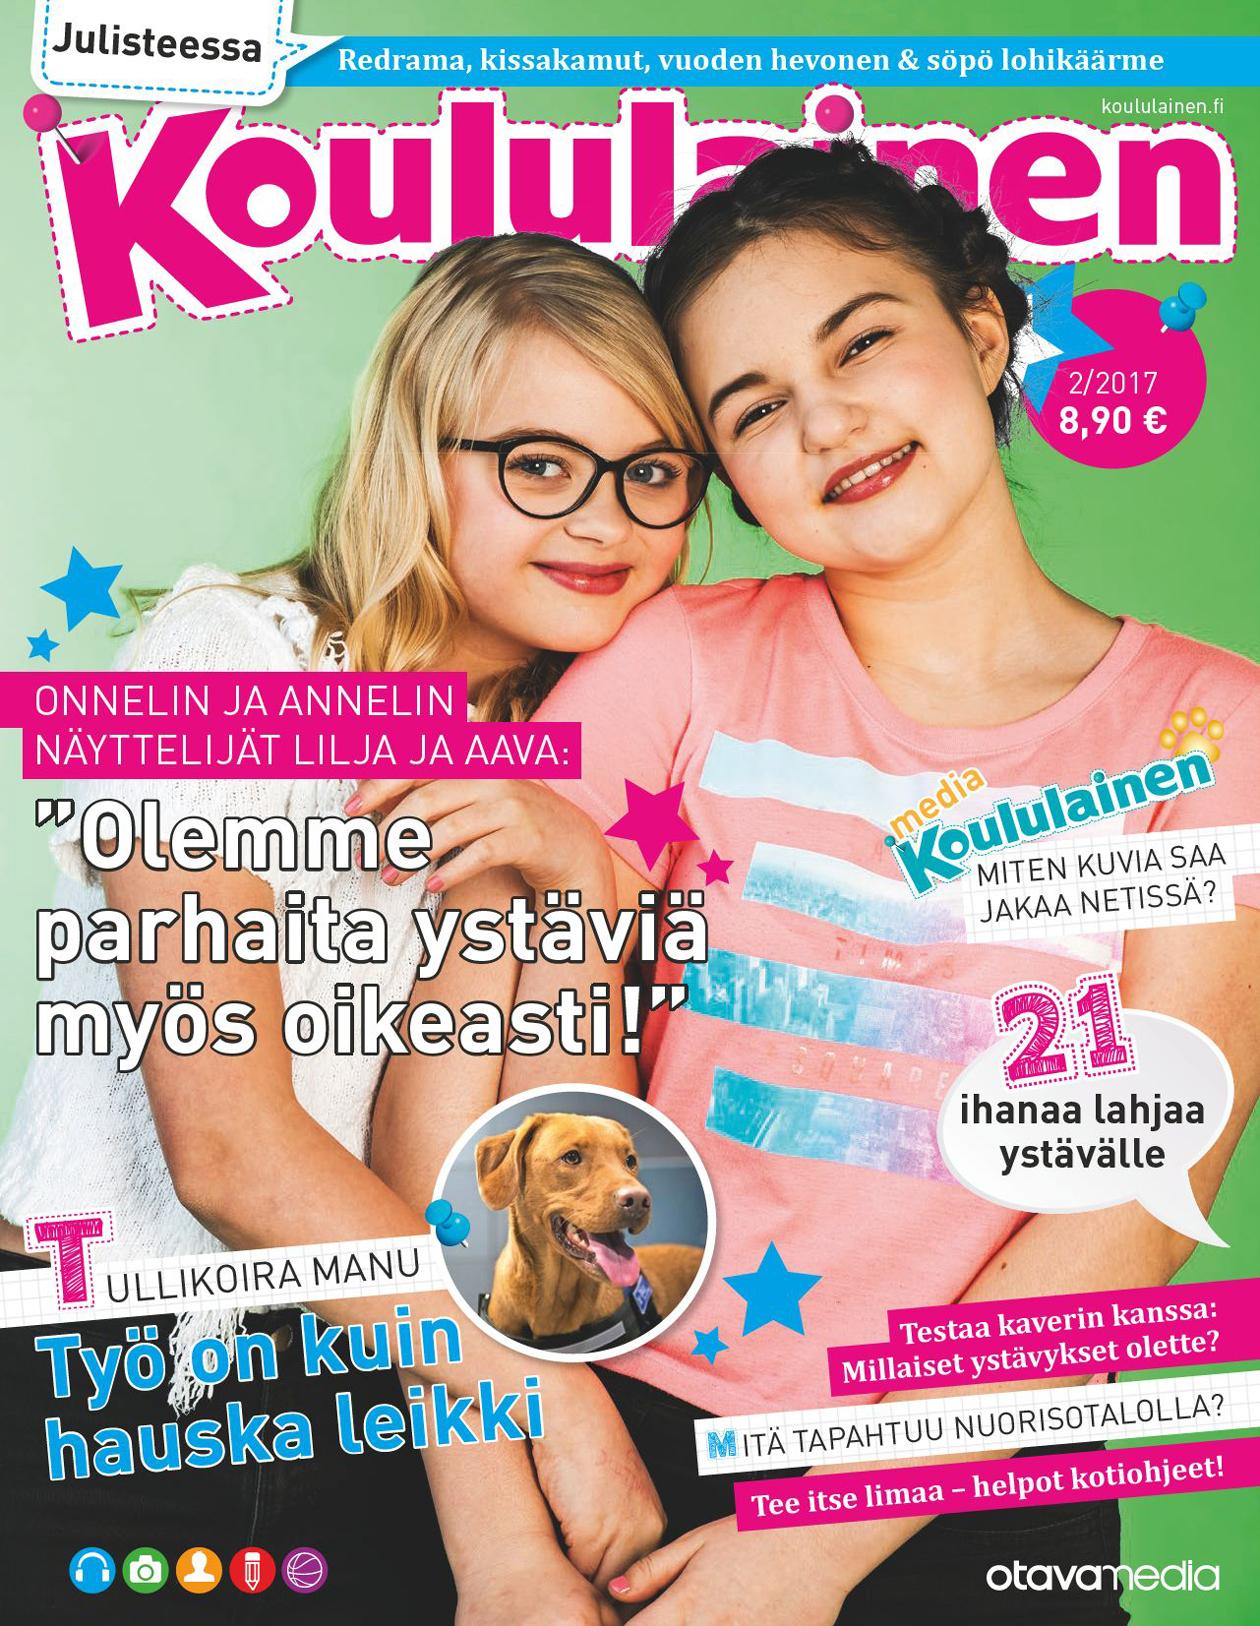 Koululaisen 2/2017 kansikuva